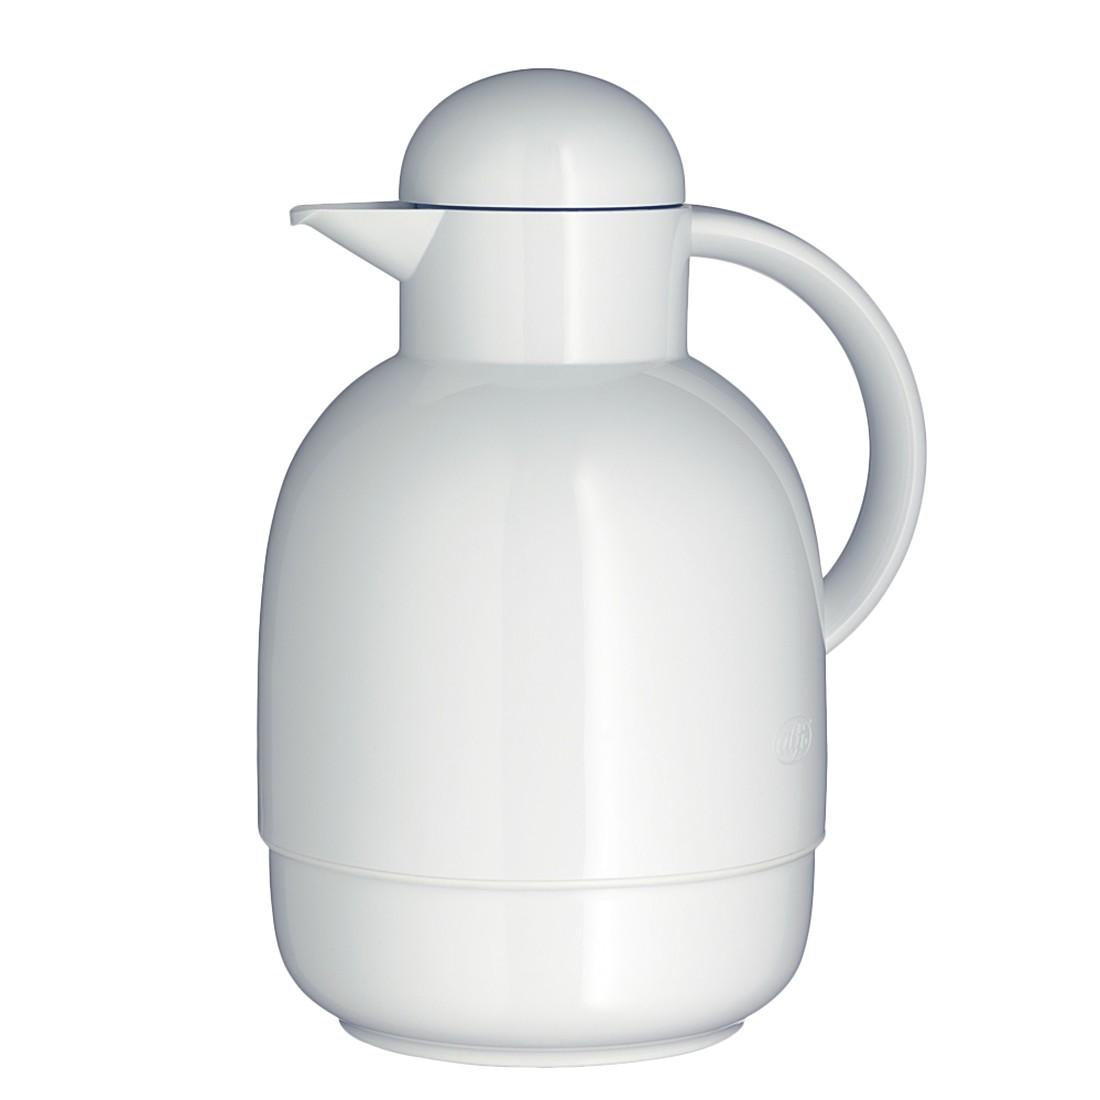 Isolierkanne Neat – Weiß, 1,5 l, Alfi günstig online kaufen